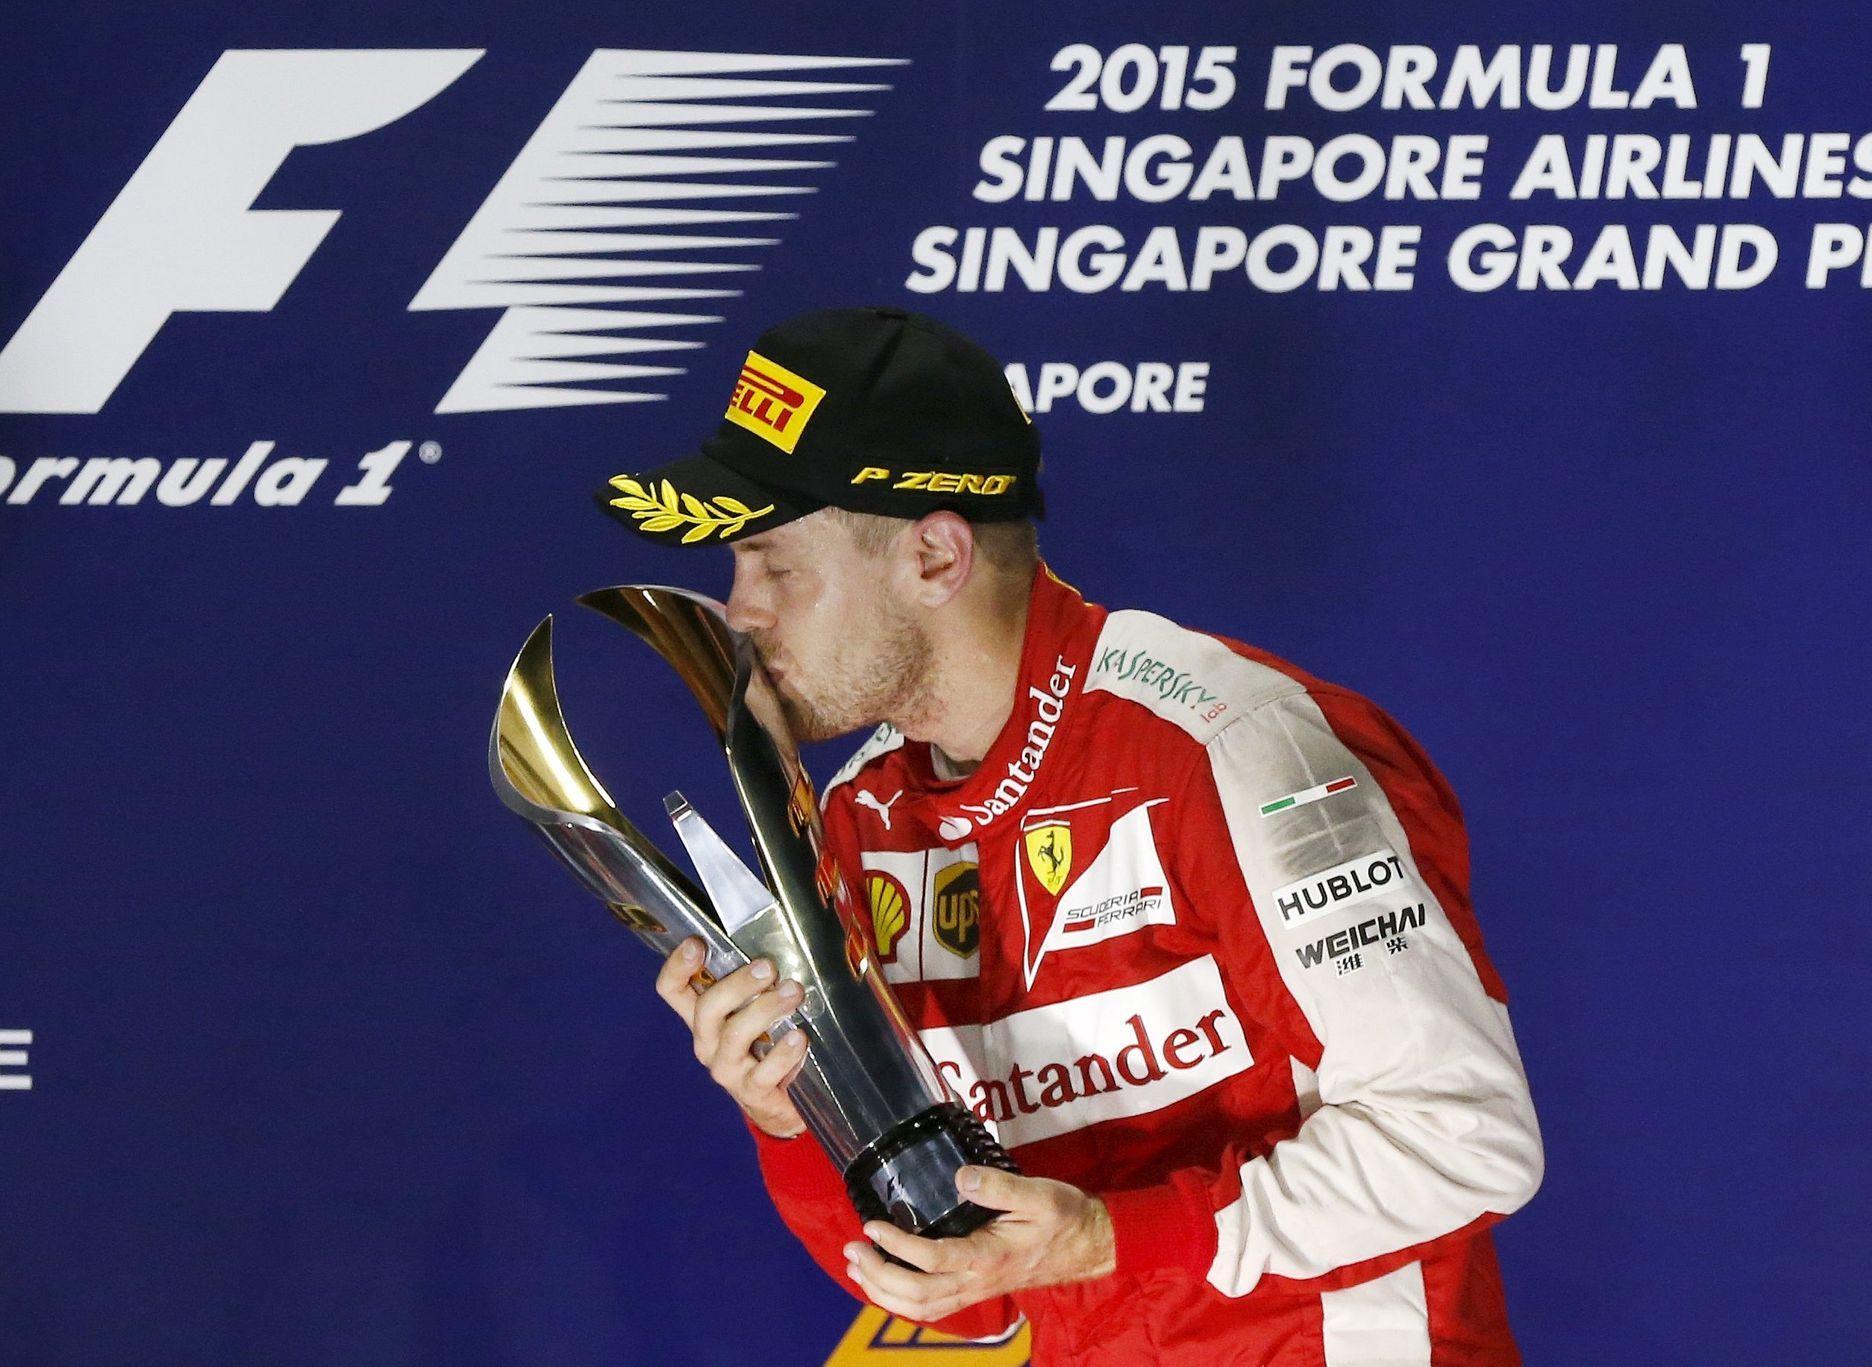 f115eb6c5ec Nevyzpytatelný noční Singapur může nahrát rivalům Mercedesu - Aktuálně.cz